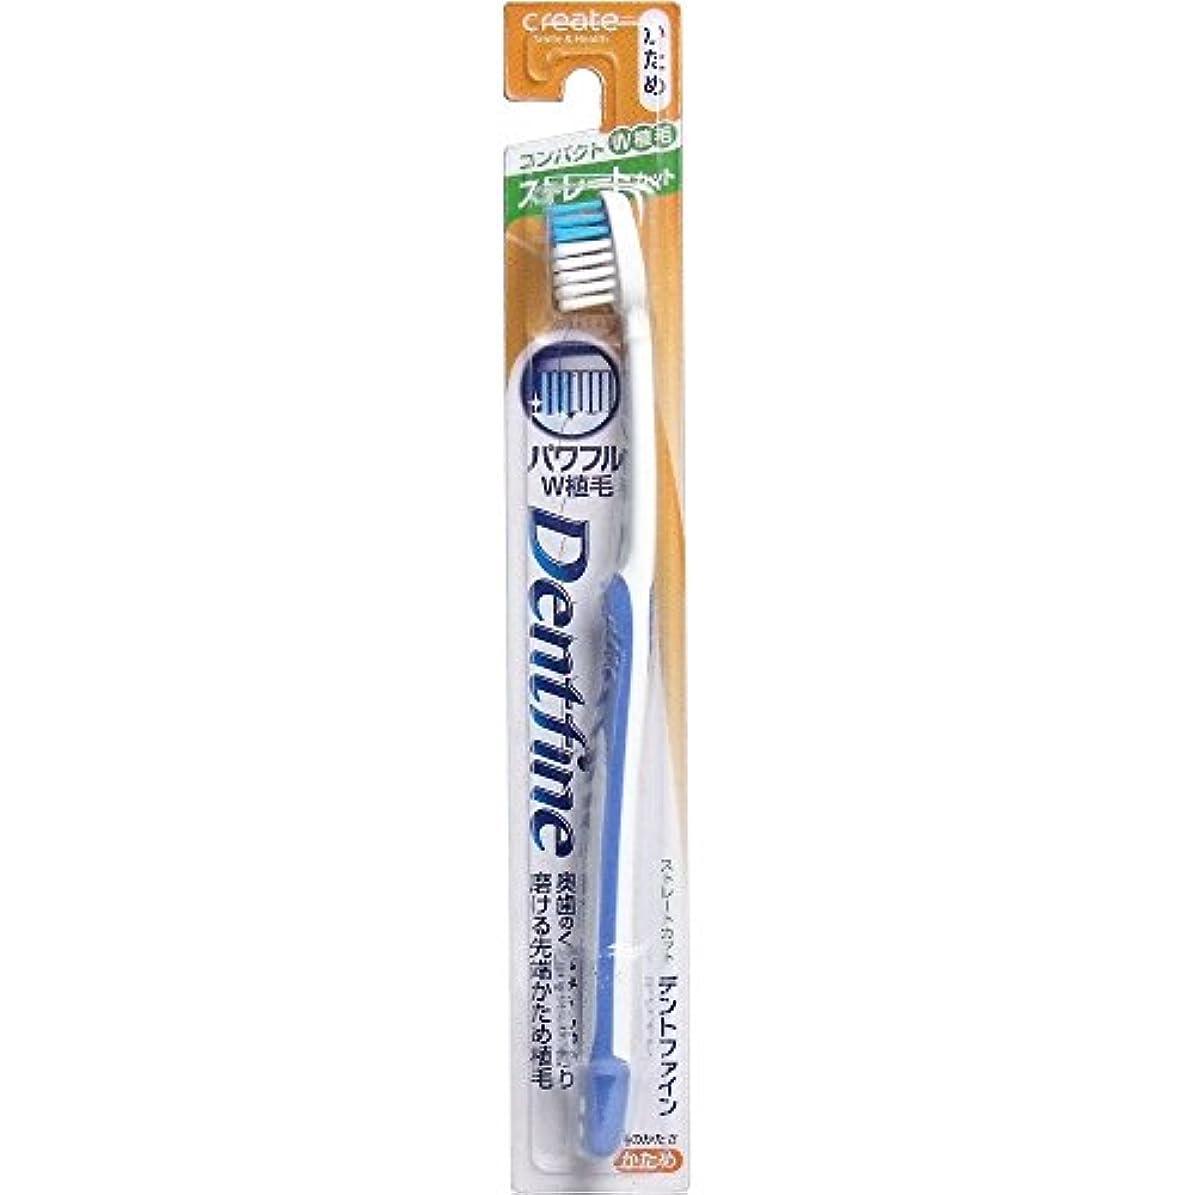 赤字コンテスト抜け目がないデントファイン ラバーグリップ ストレートカット 歯ブラシ かため 1本:ブルー